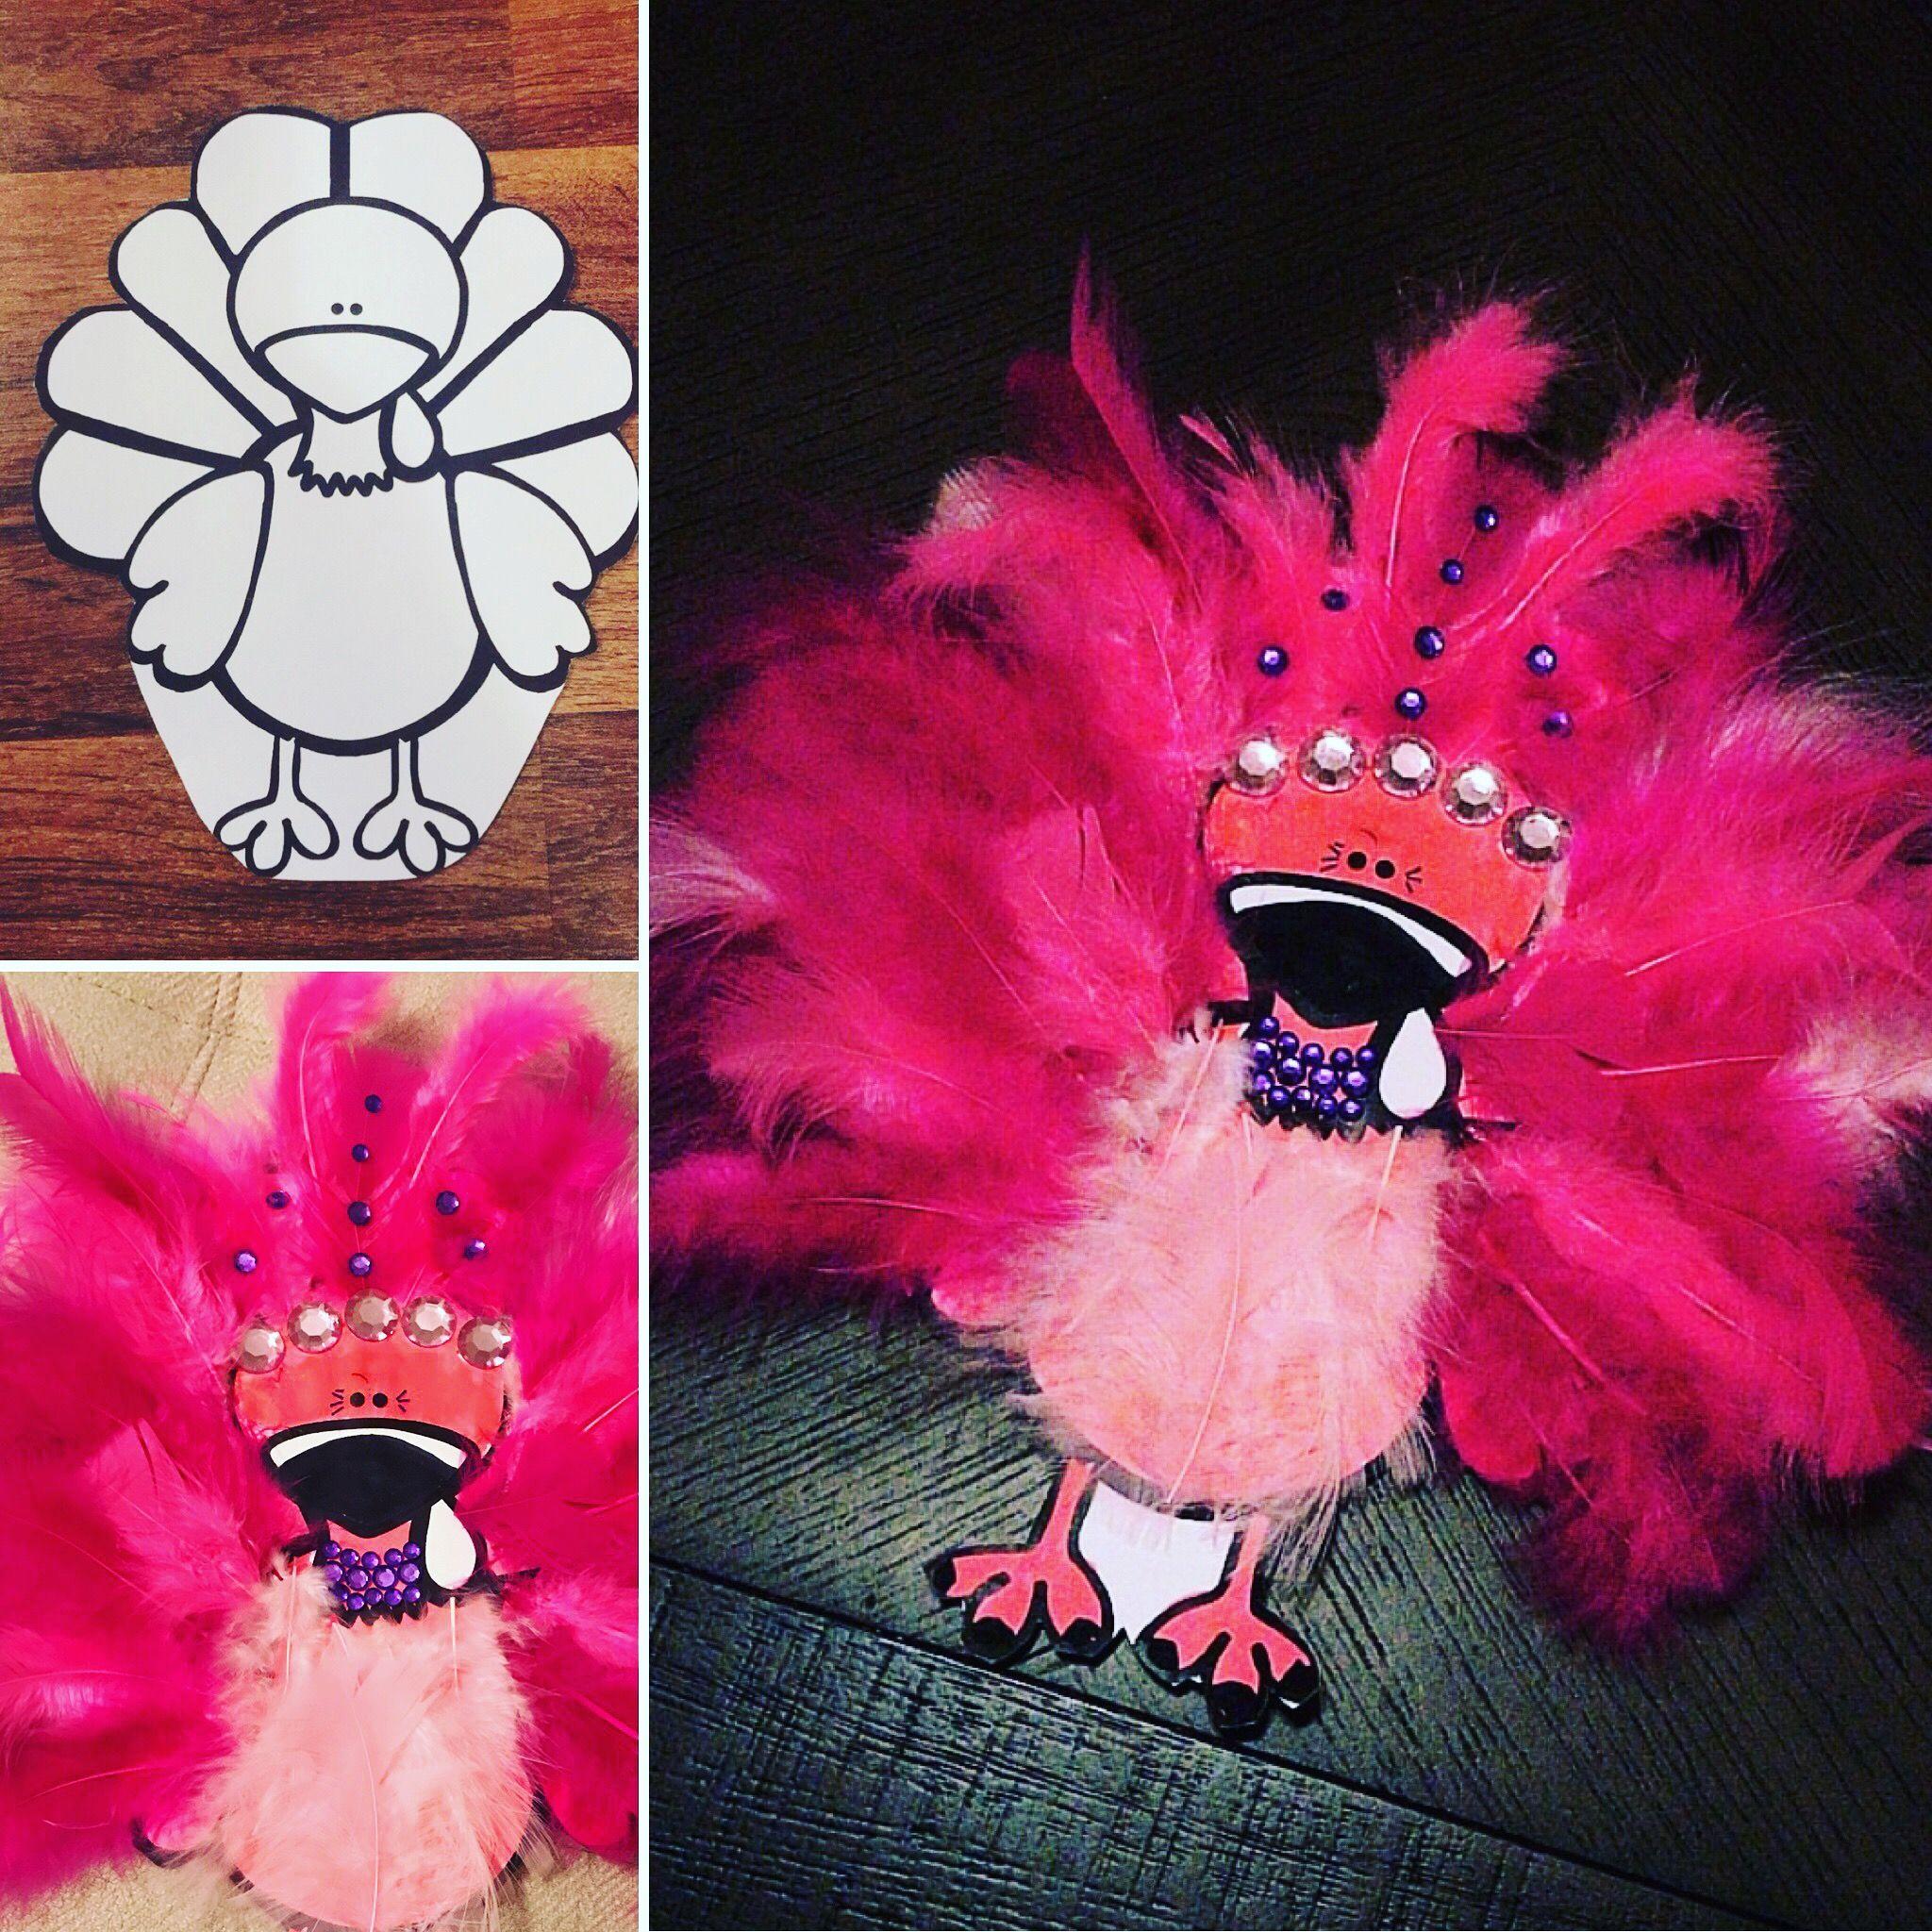 Flamingo Turkey in Disguise #disguiseaturkeyideas